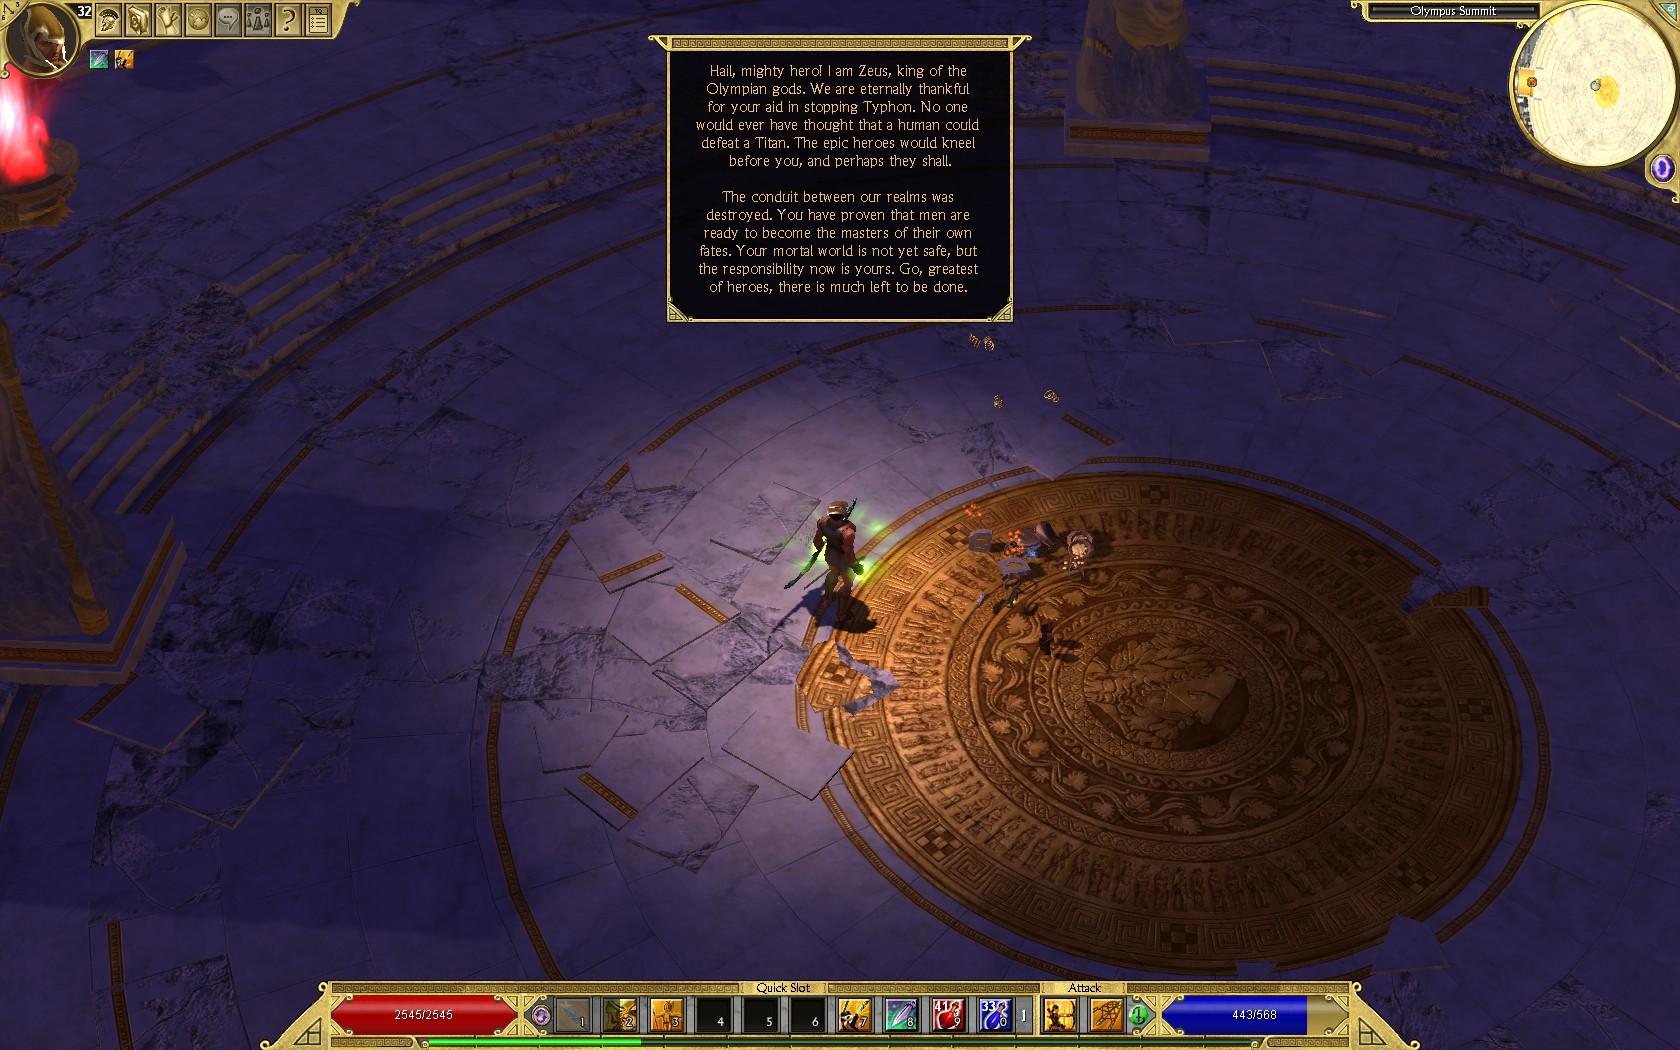 Titan Quest Act III